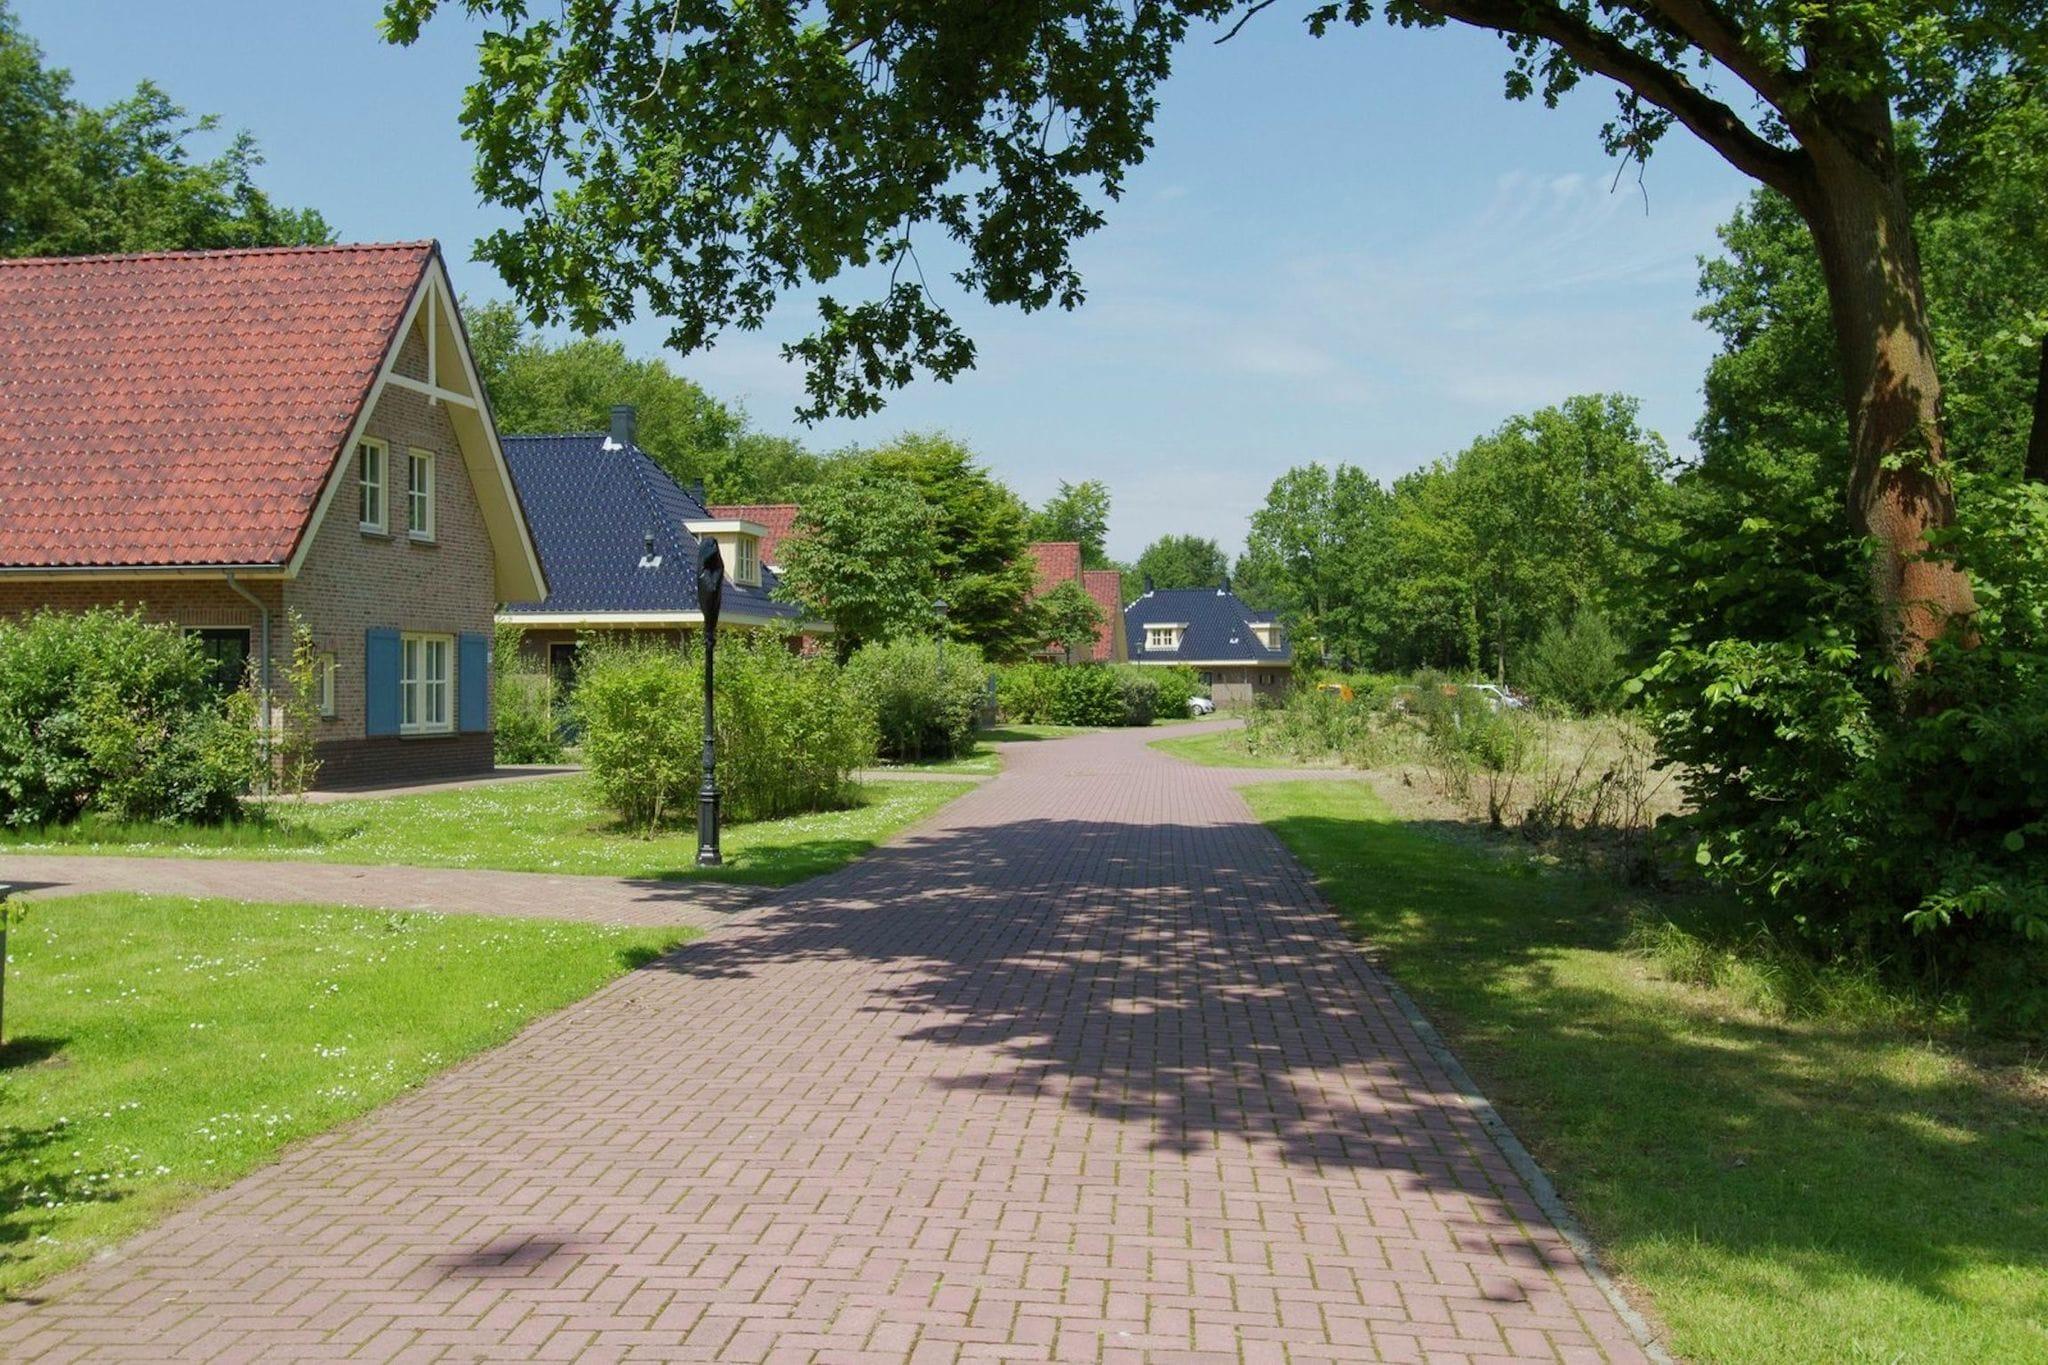 Villapark de Hondsrug